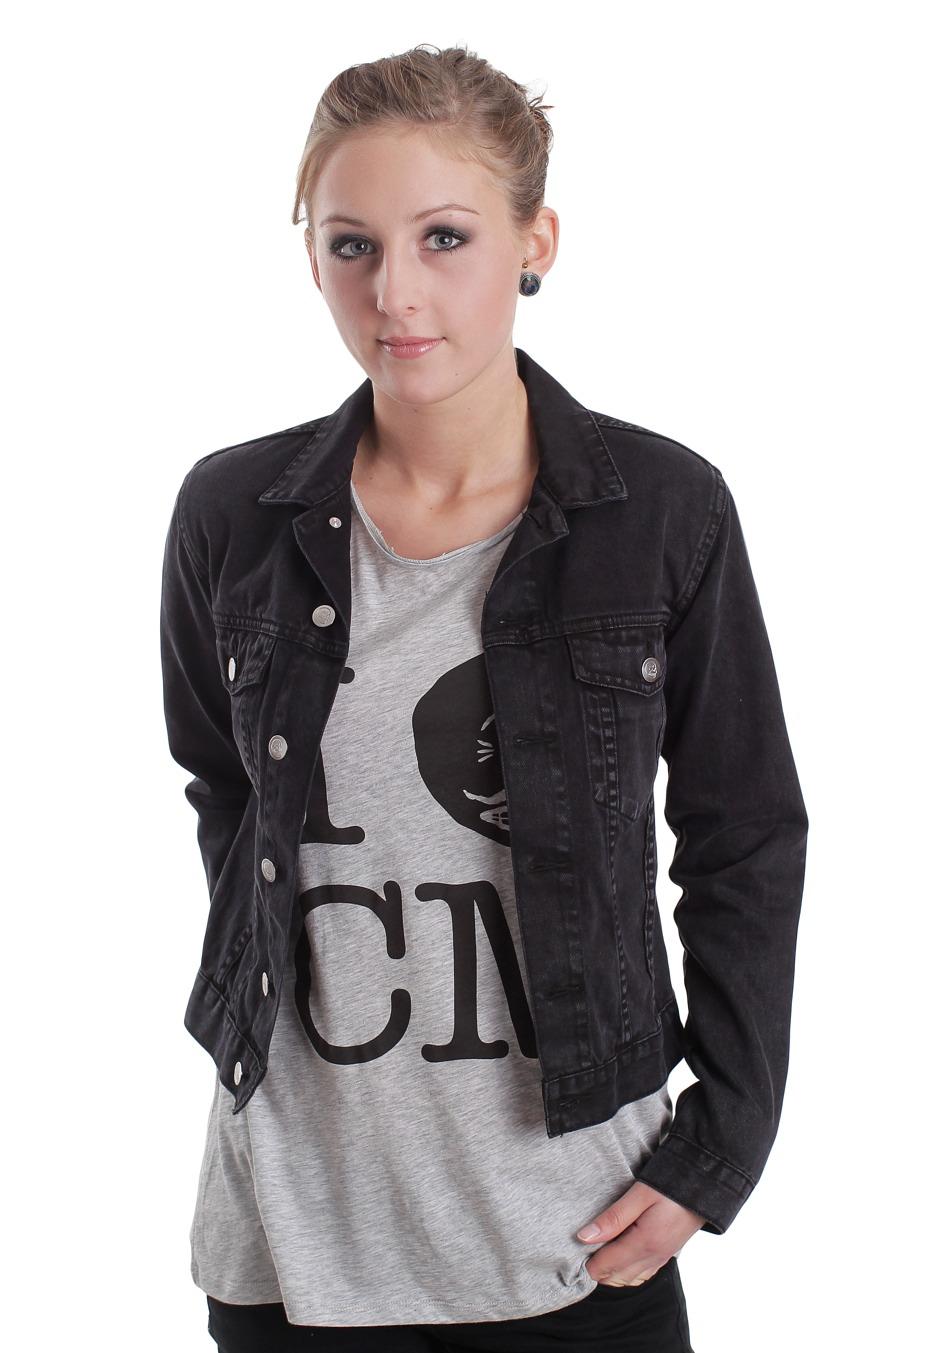 Find great deals on eBay for girls denim vest. Shop with confidence.